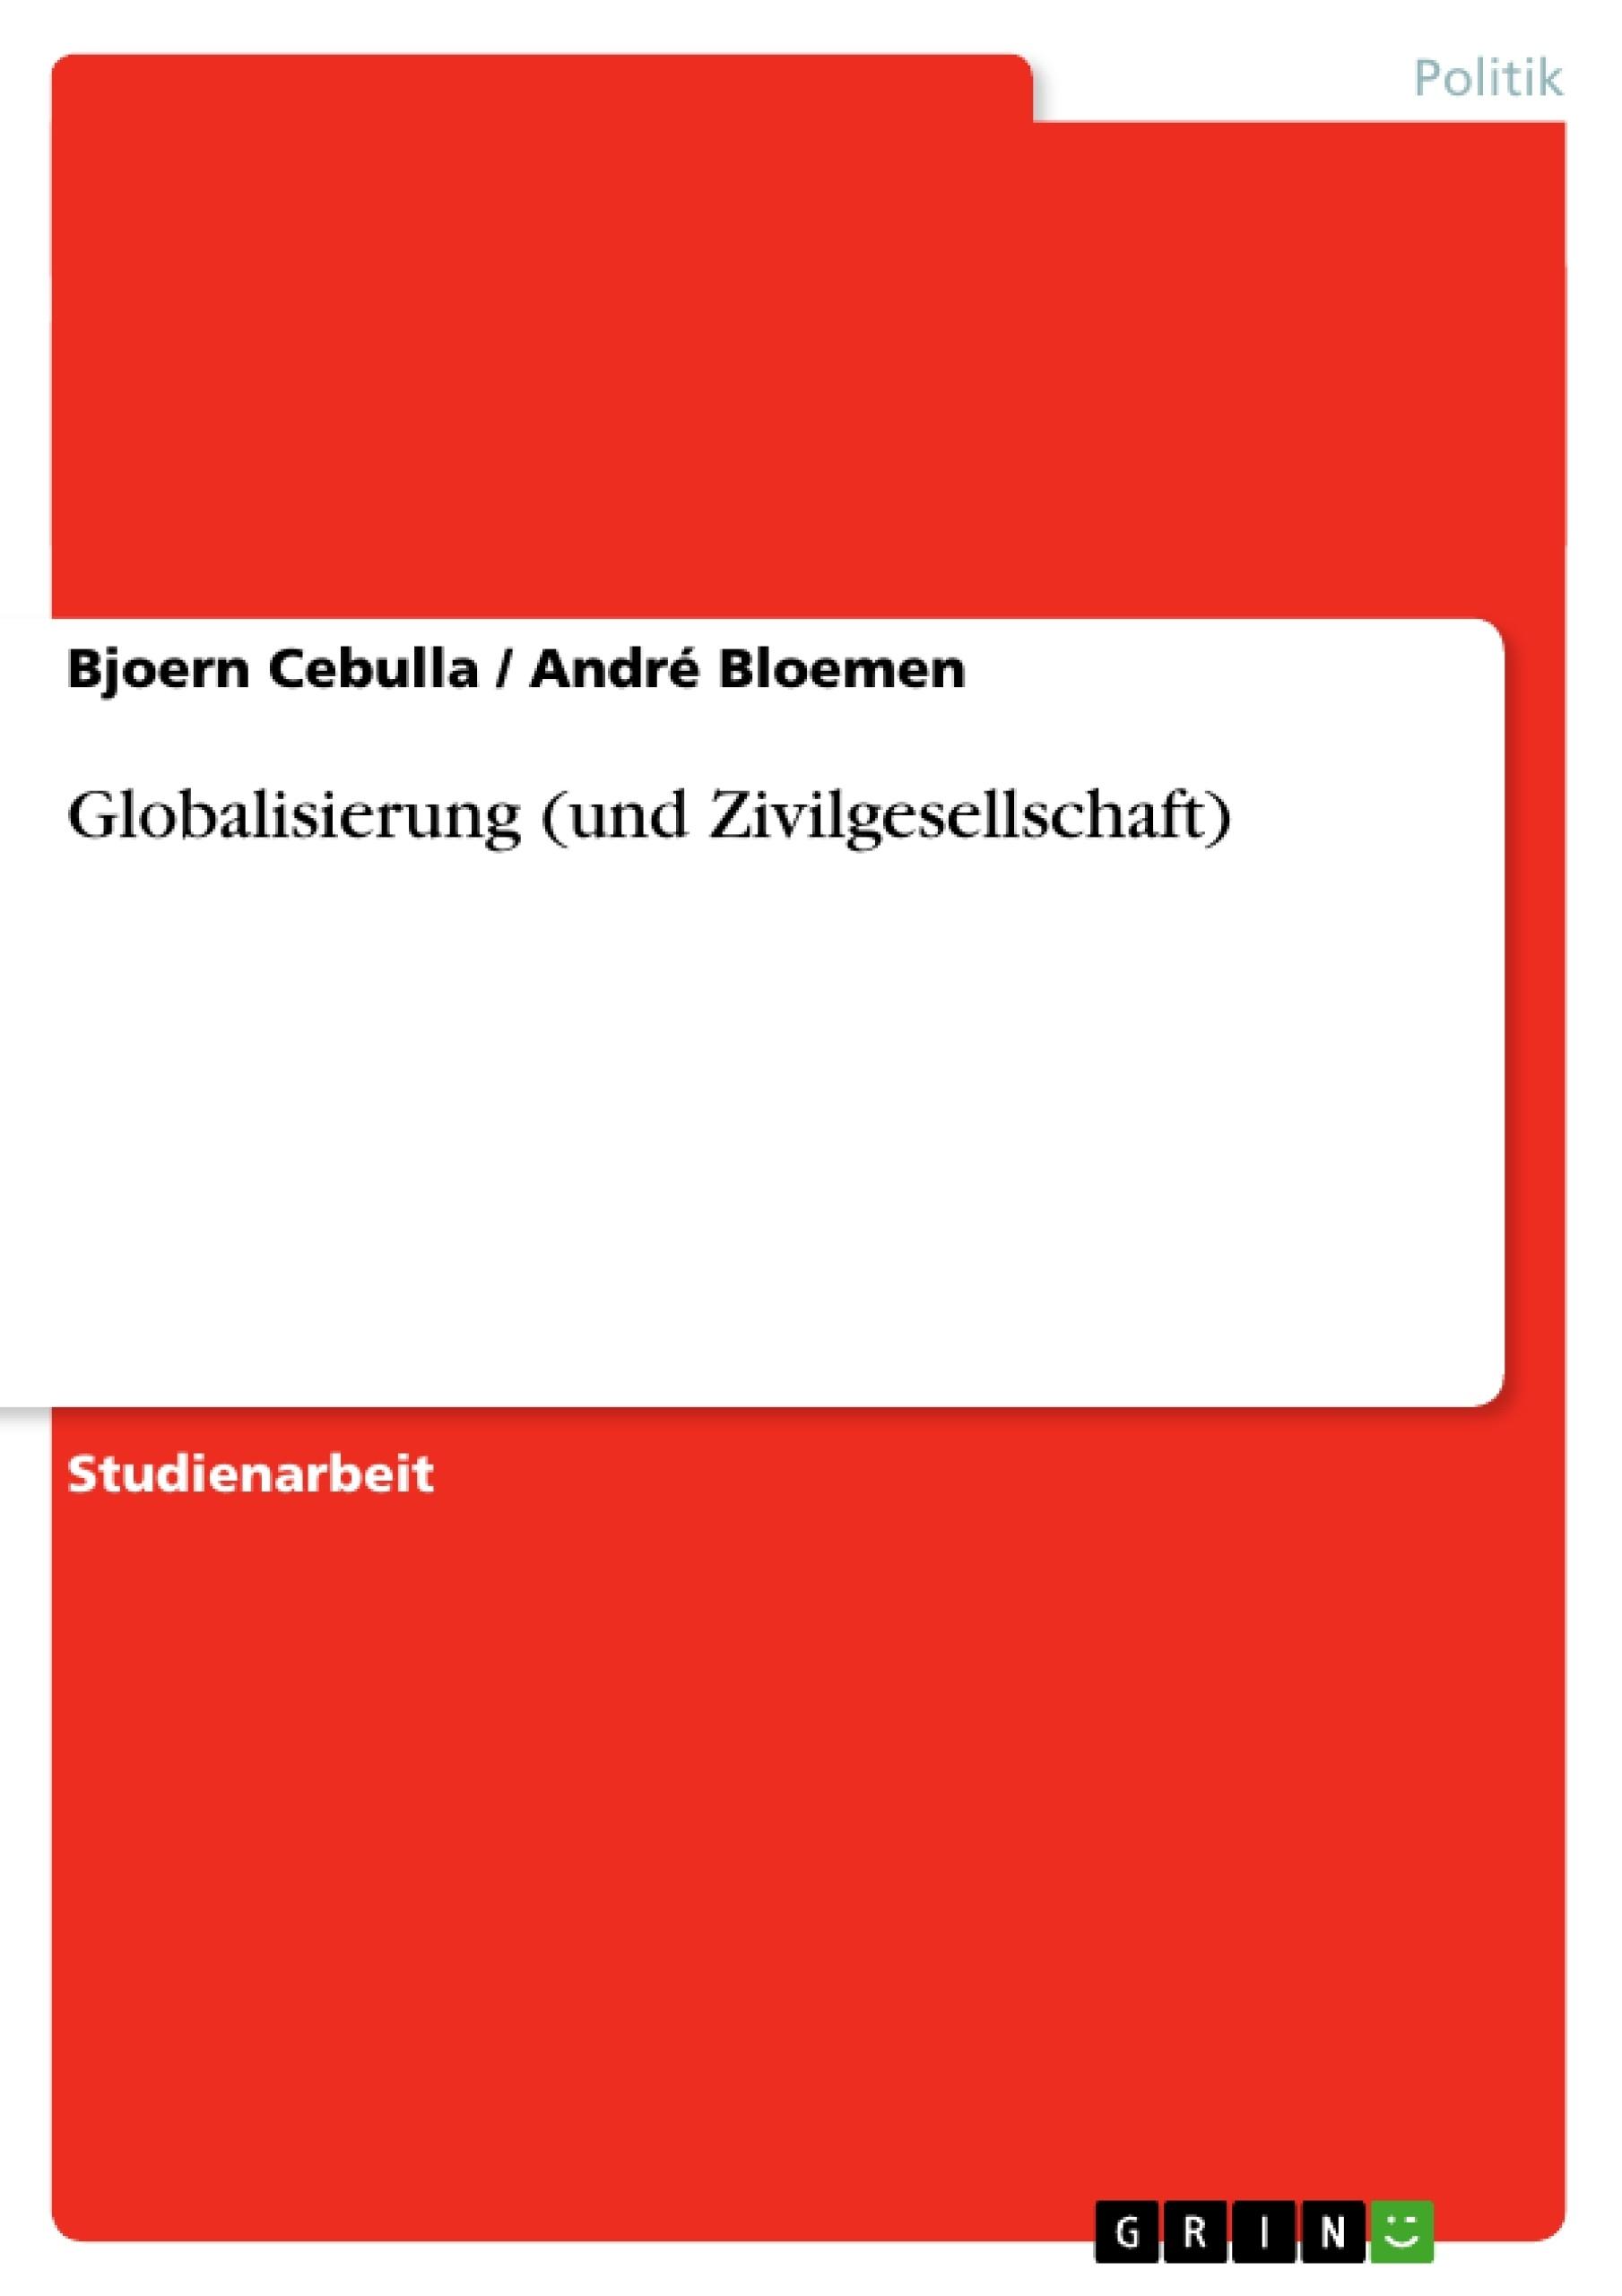 Titel: Globalisierung (und Zivilgesellschaft)